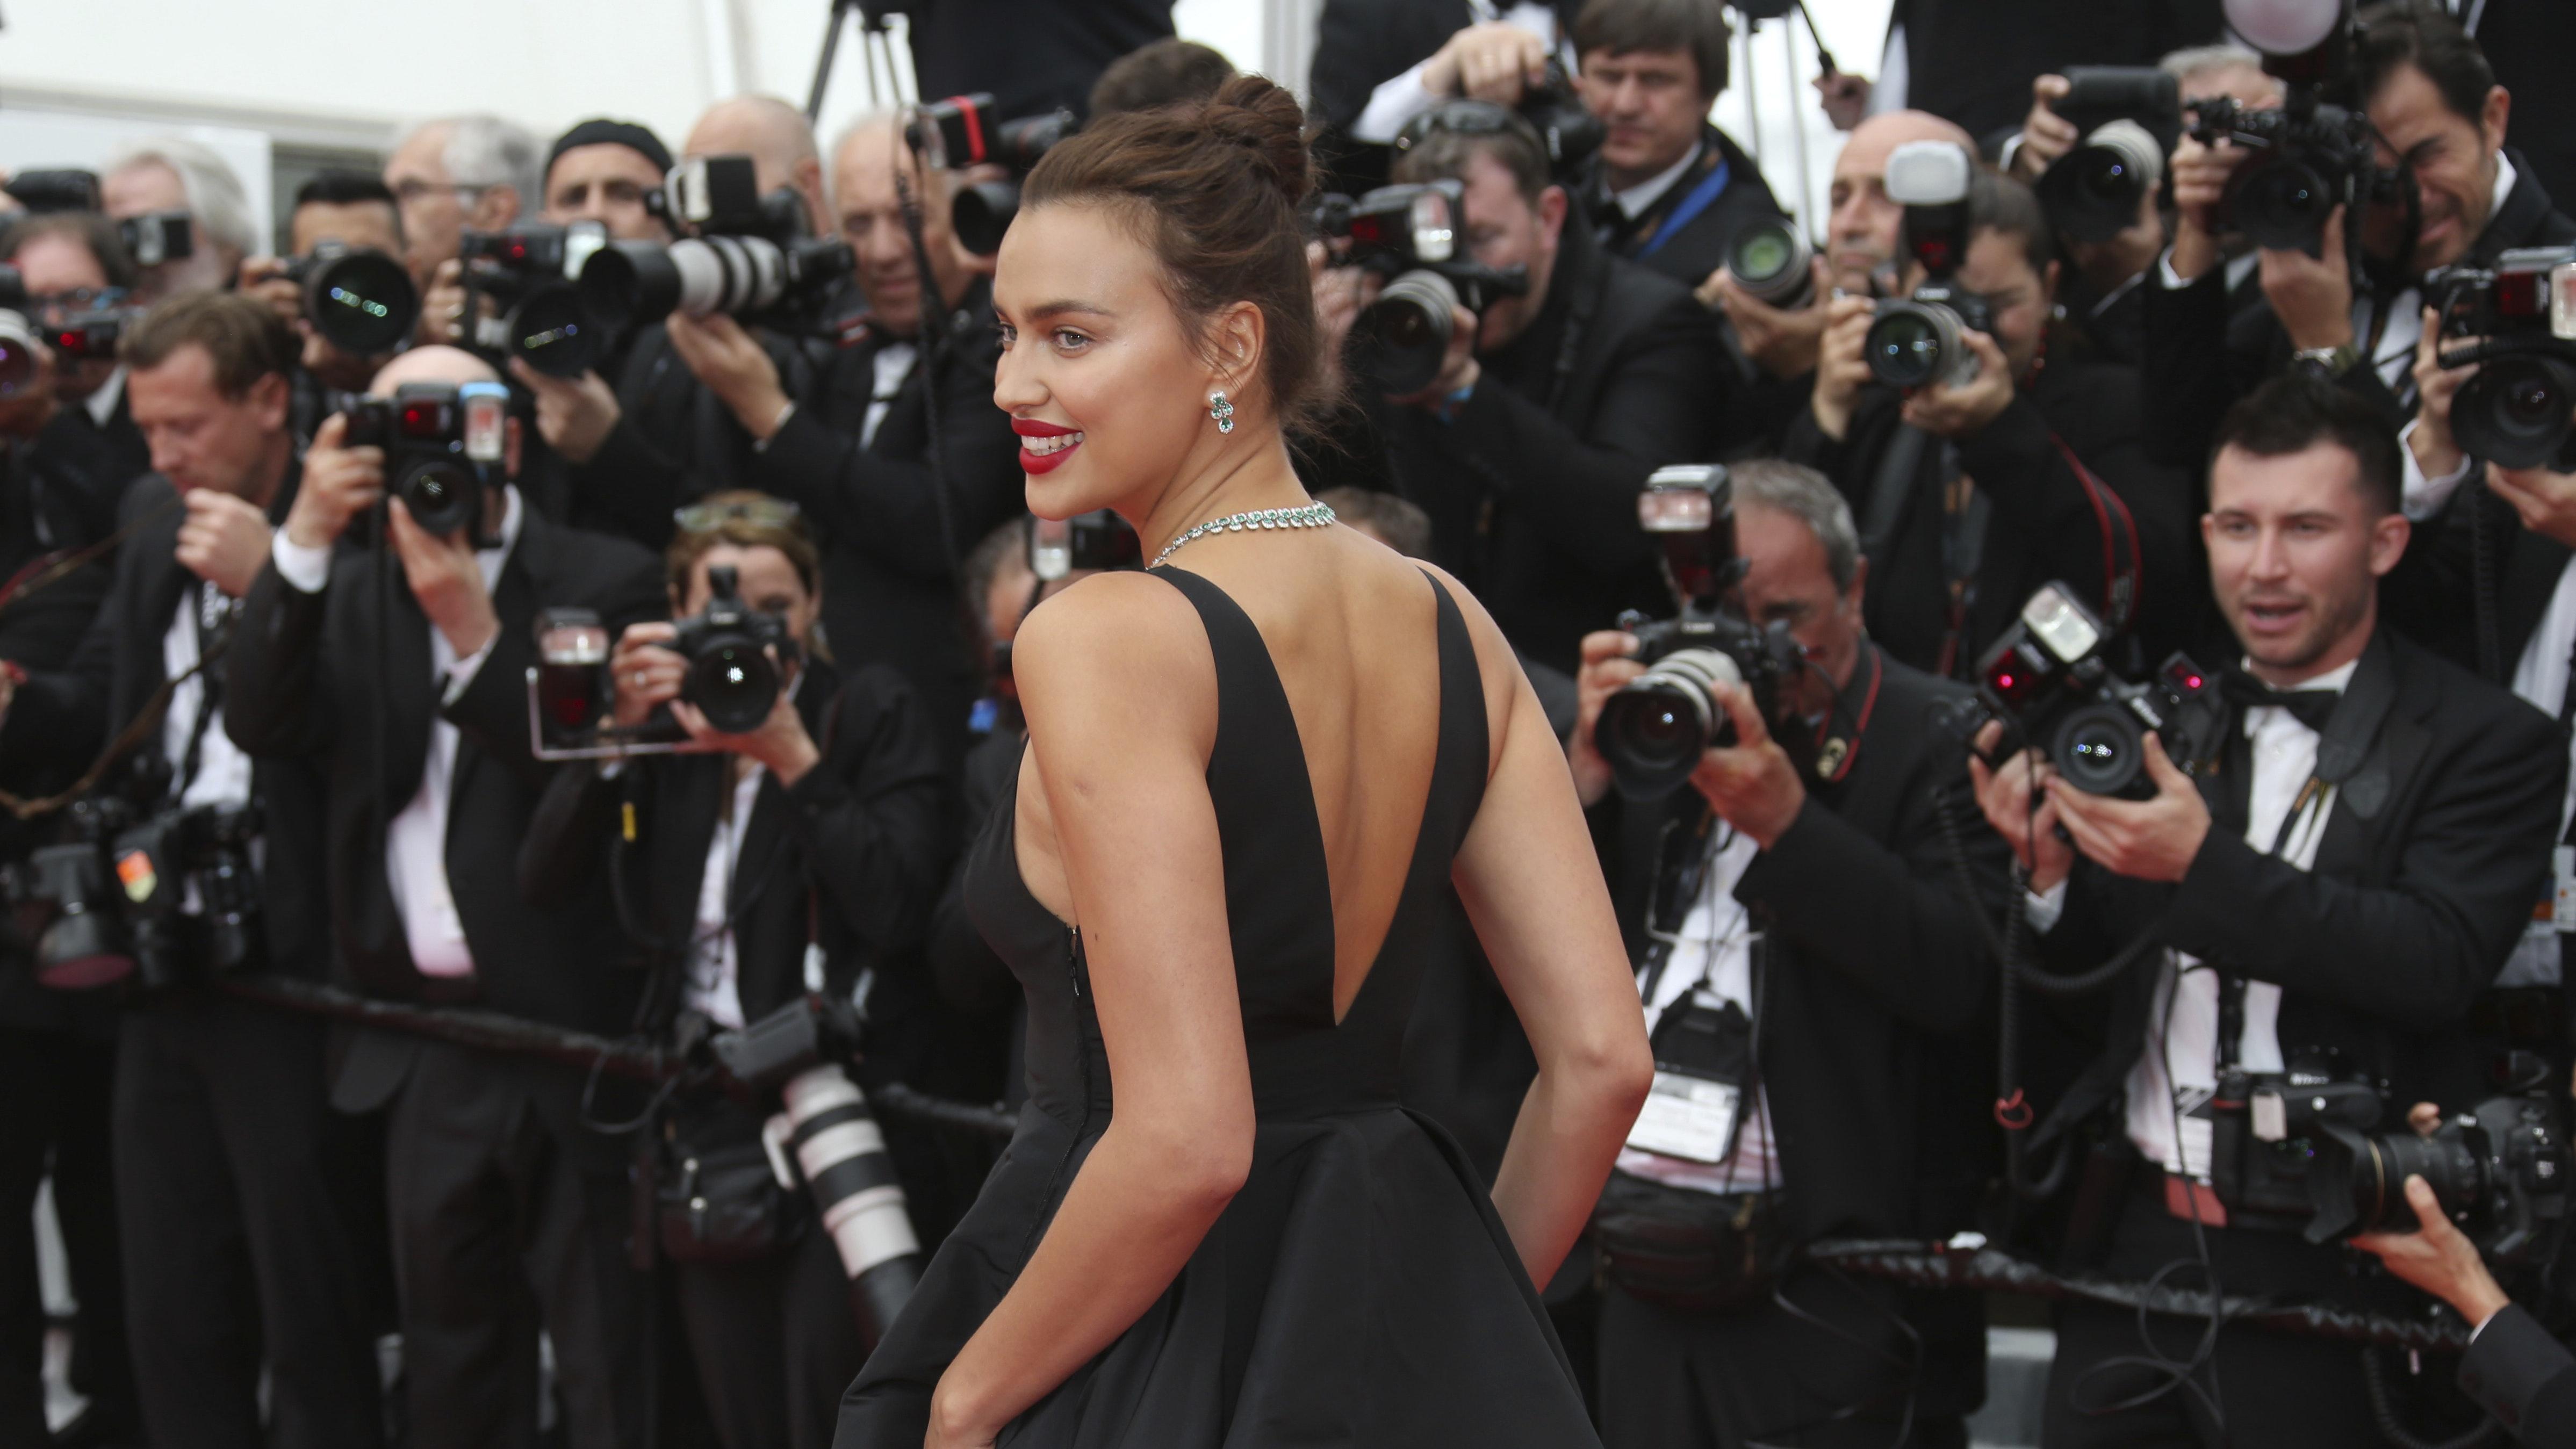 Cate Blanchett, Kristen Stewart and Other Women Protest Cannes Gender Gap